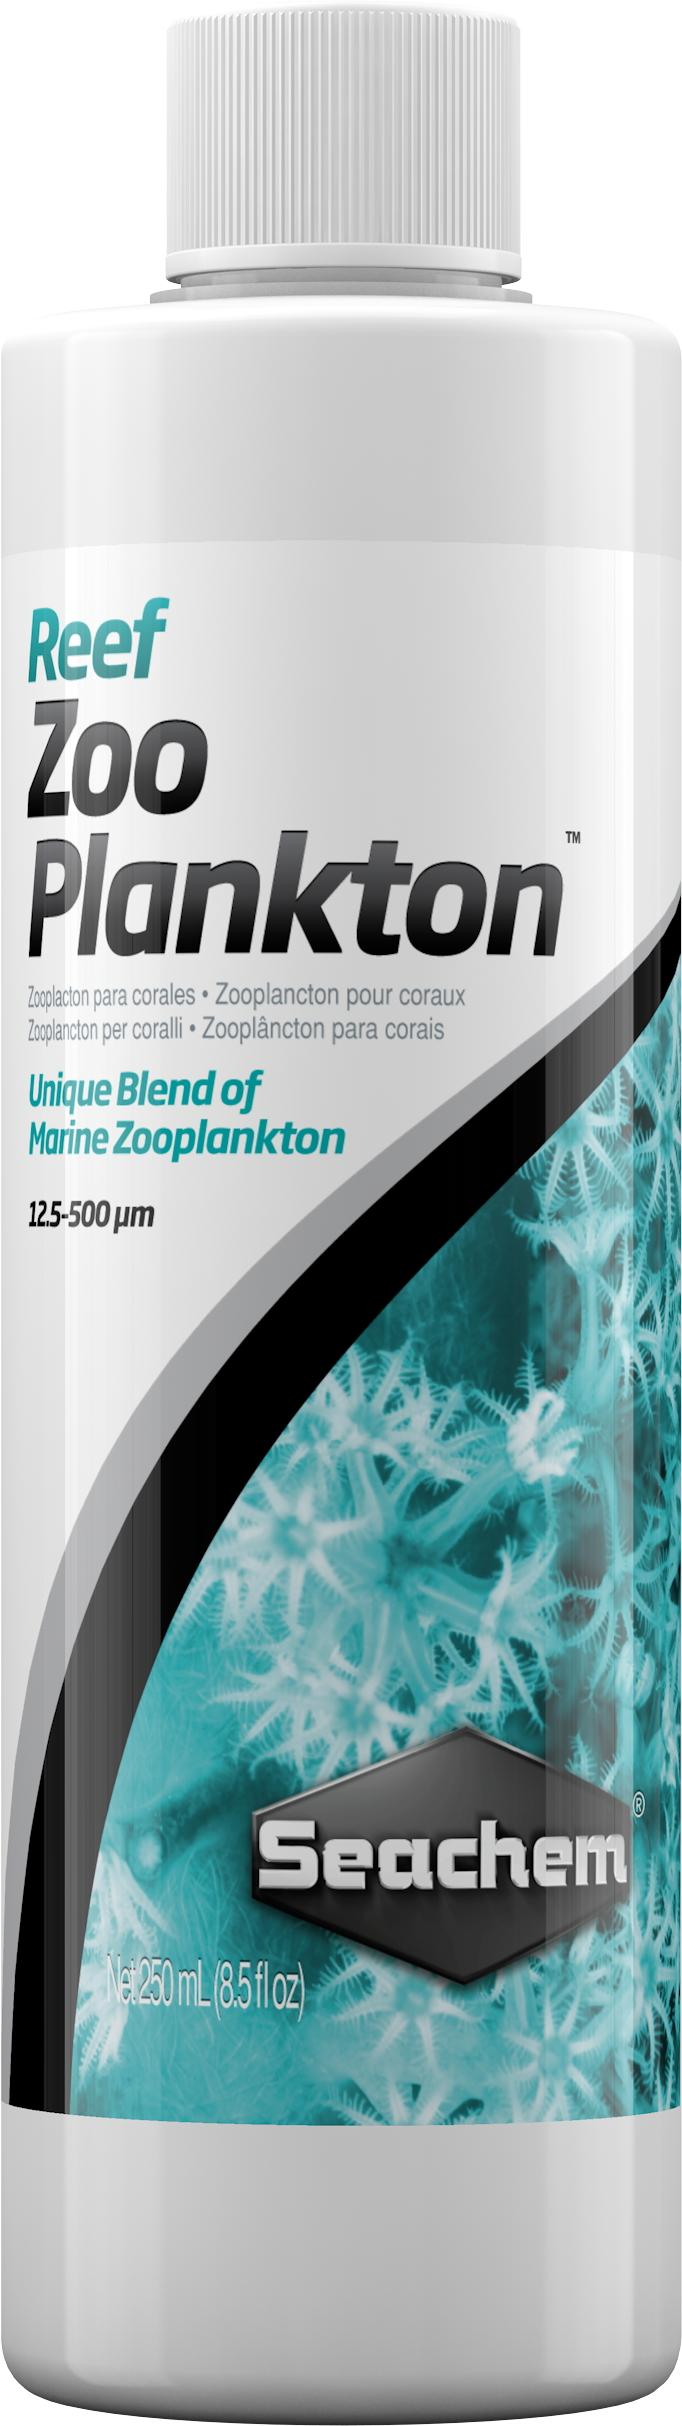 SEACHEM Reef Zooplankton 250 ml nourriture pour coraux et invertébrés à base zooplancton naturels